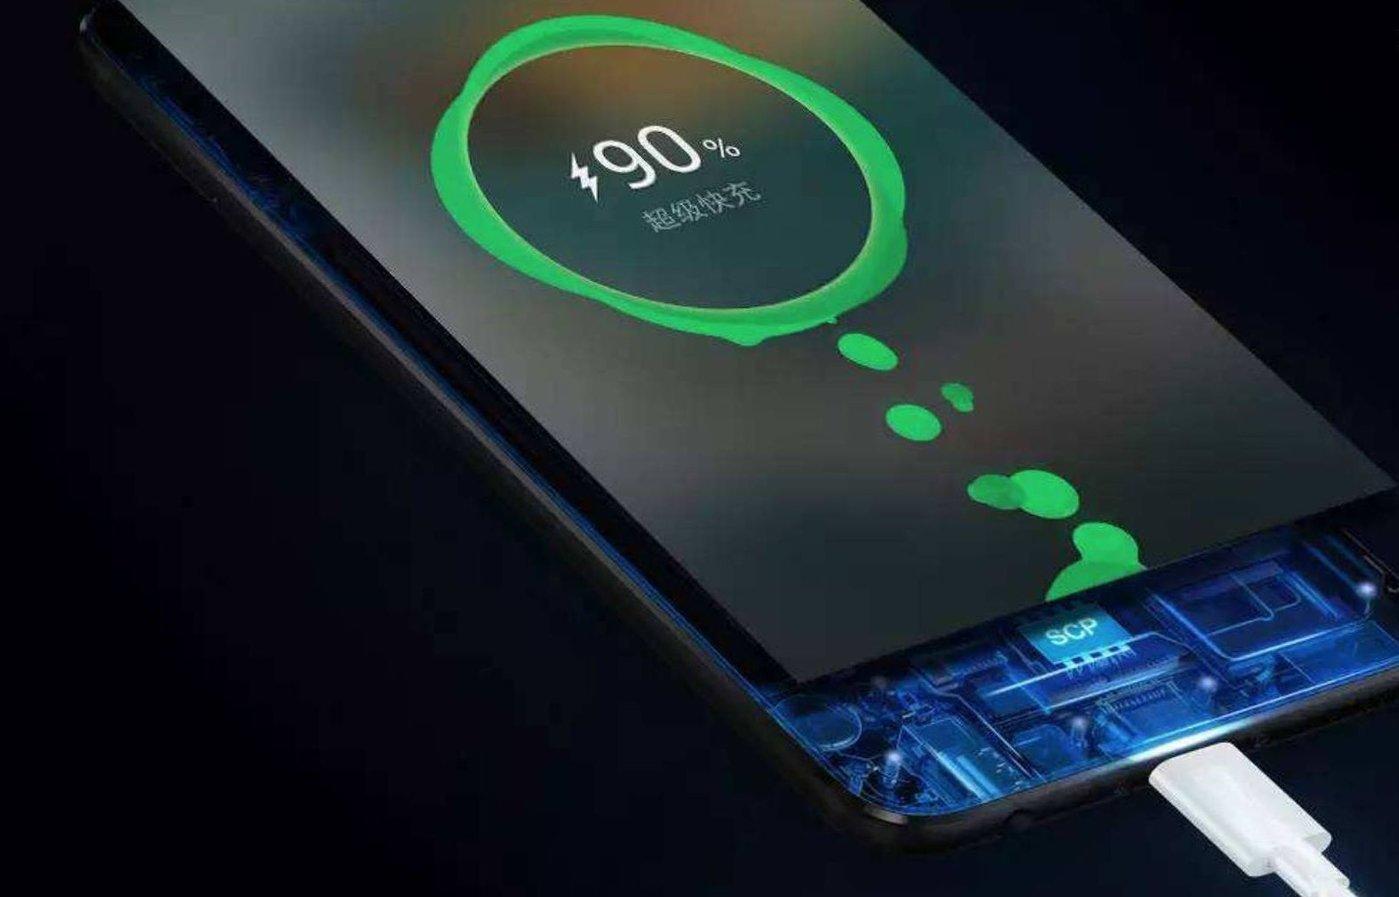 瓶颈该如何突破?2019年手机发展的切入点还有不少